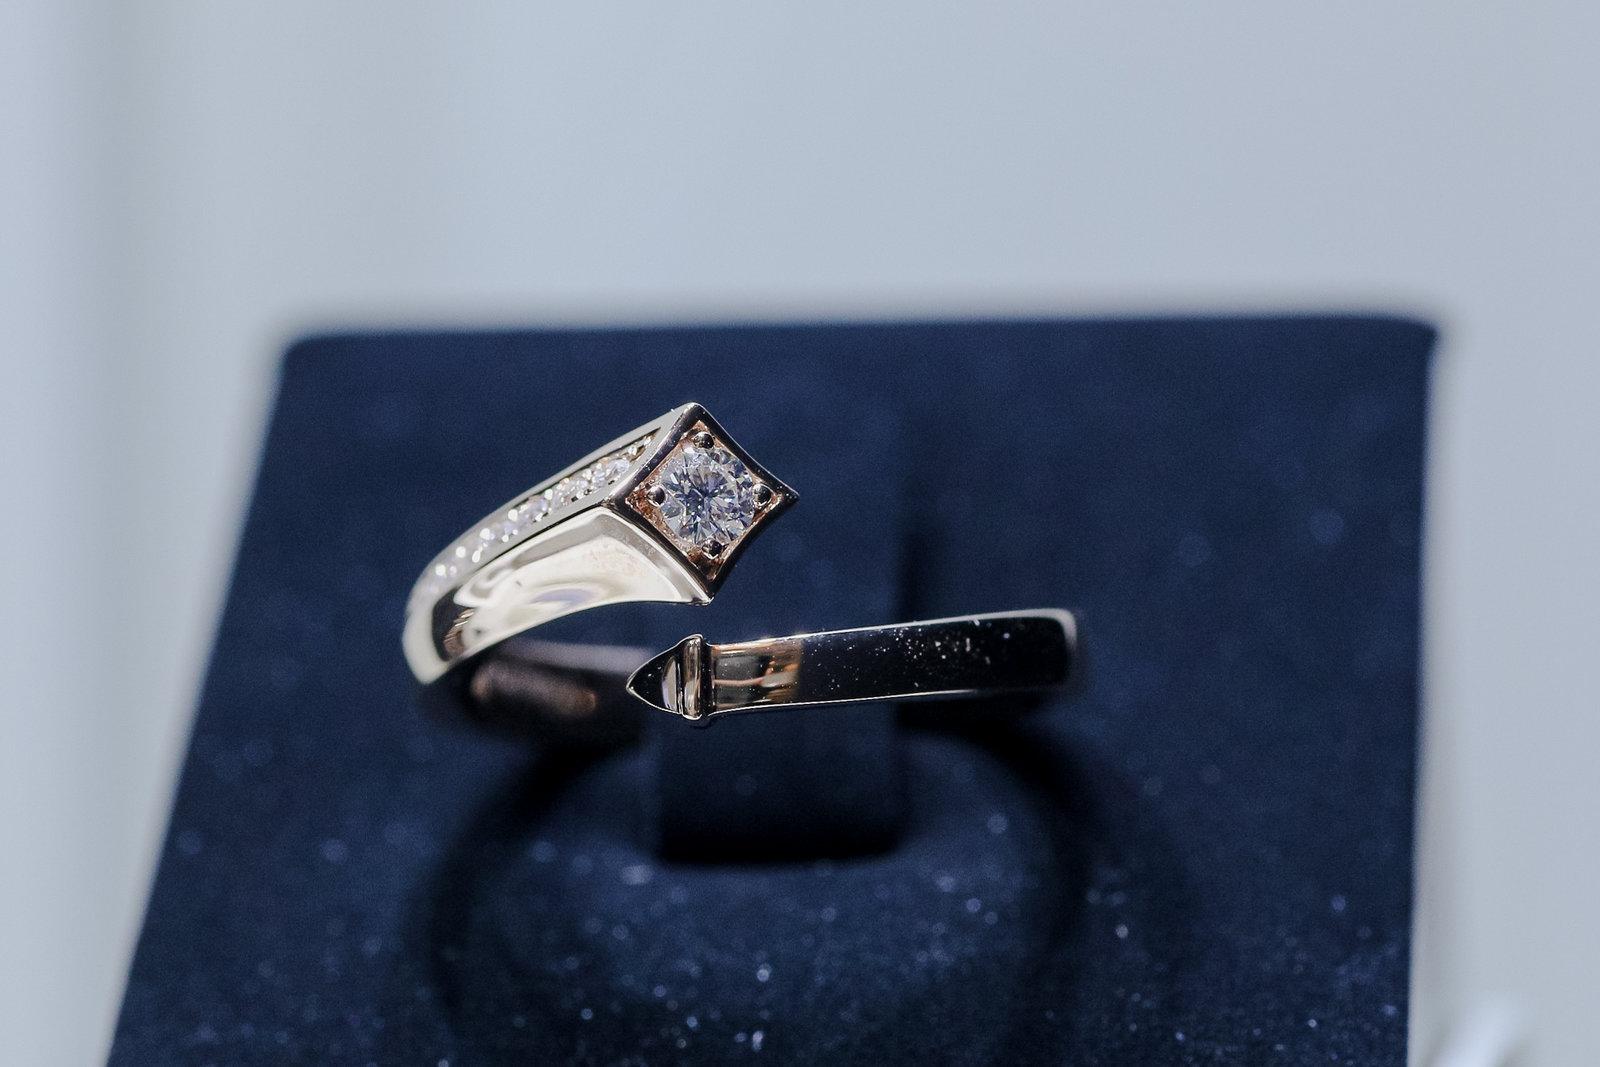 独家专访 | 戴比尔斯永恒印记CEO:女性消费者钻石自购率已超六成